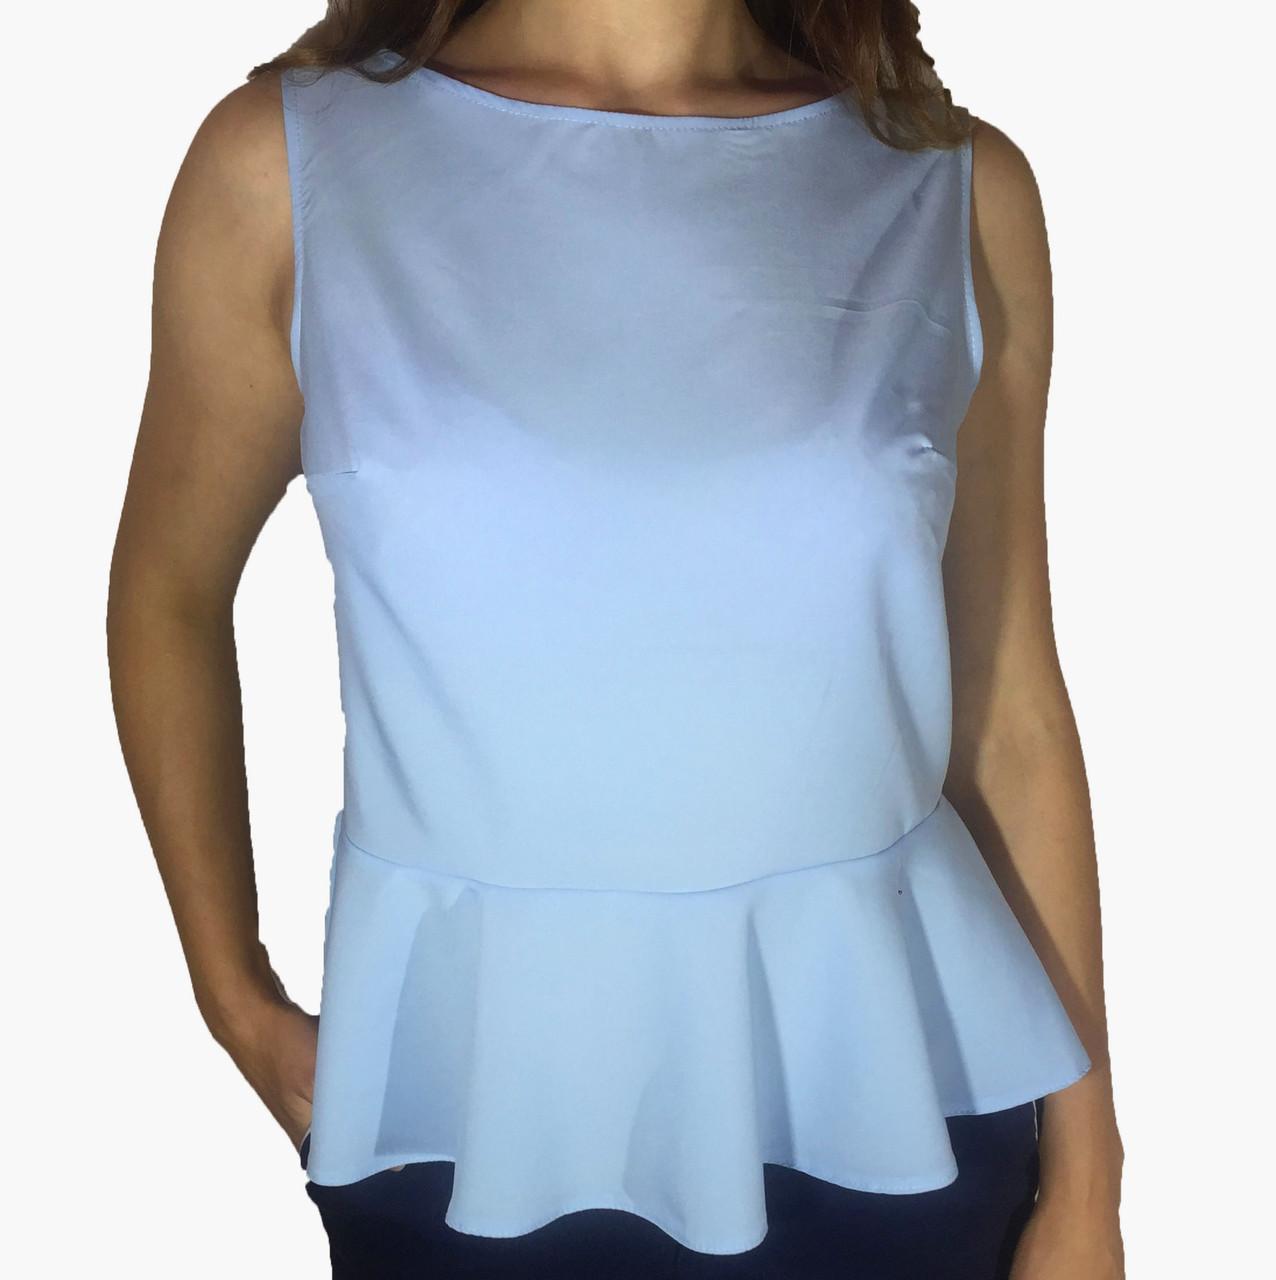 Женская блузка с баской голубая